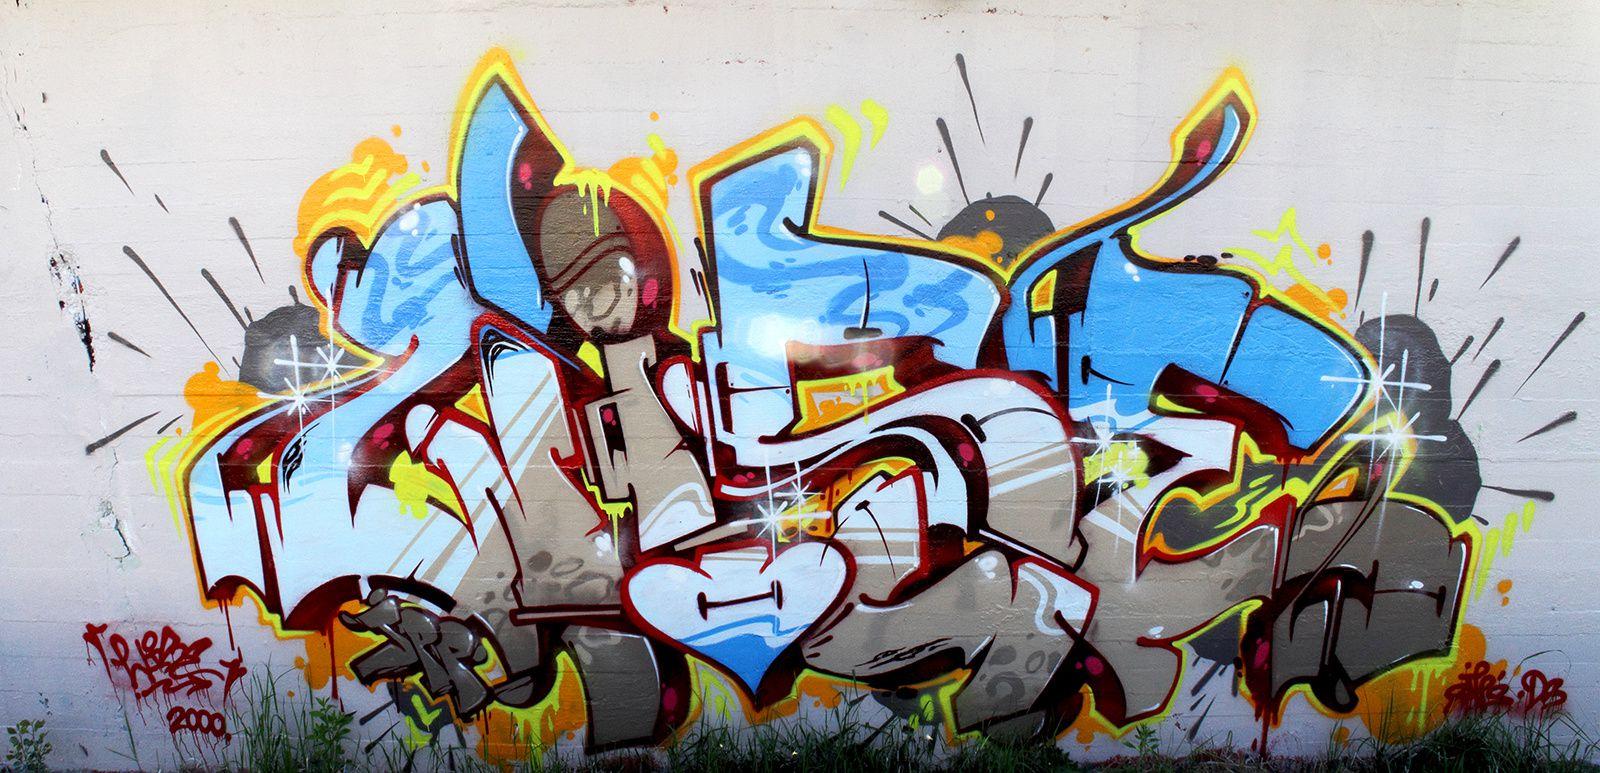 Streetart - Art de la rue - Graffitis -      clic sur l'image = Zoom + défilement...